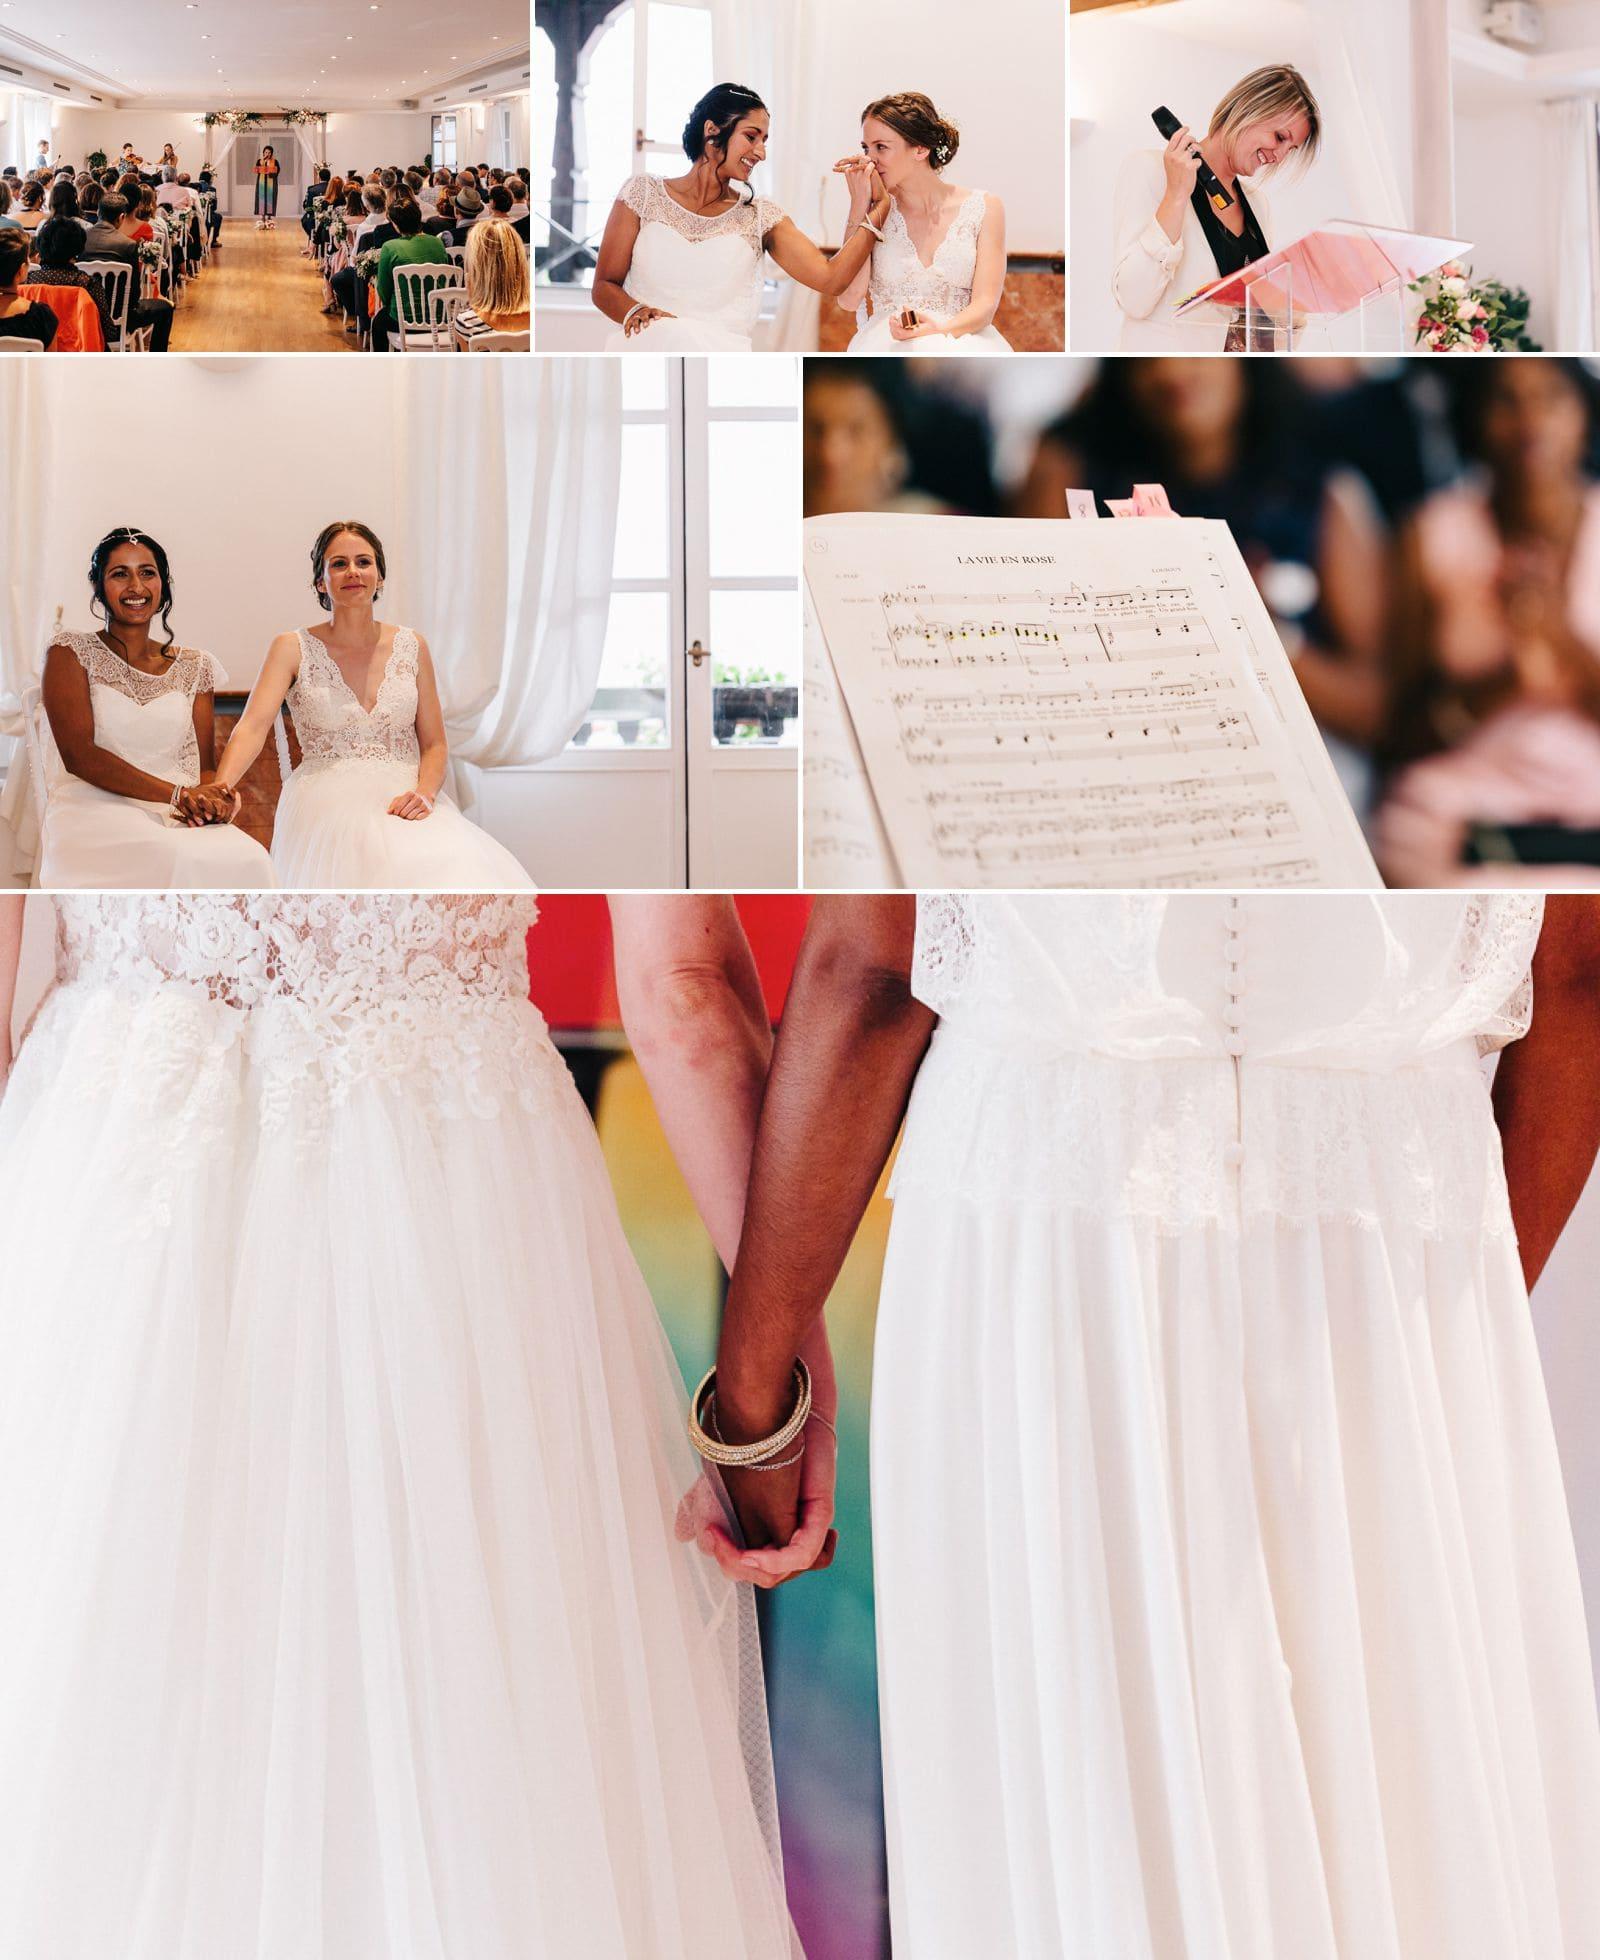 Mariage lesbienne cour de honau en Alsace